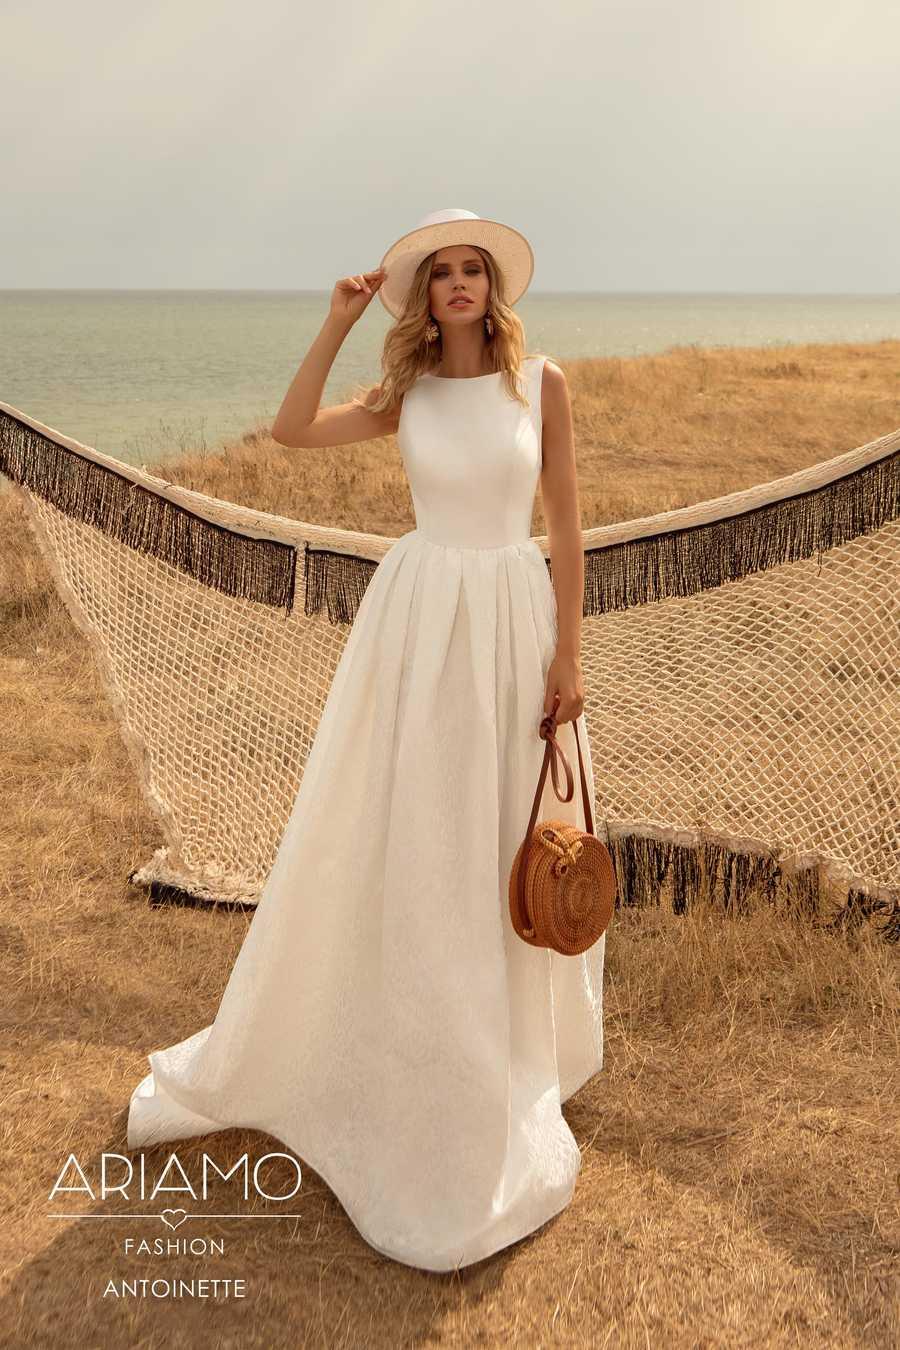 свадебное платье Antoinette.900x900w